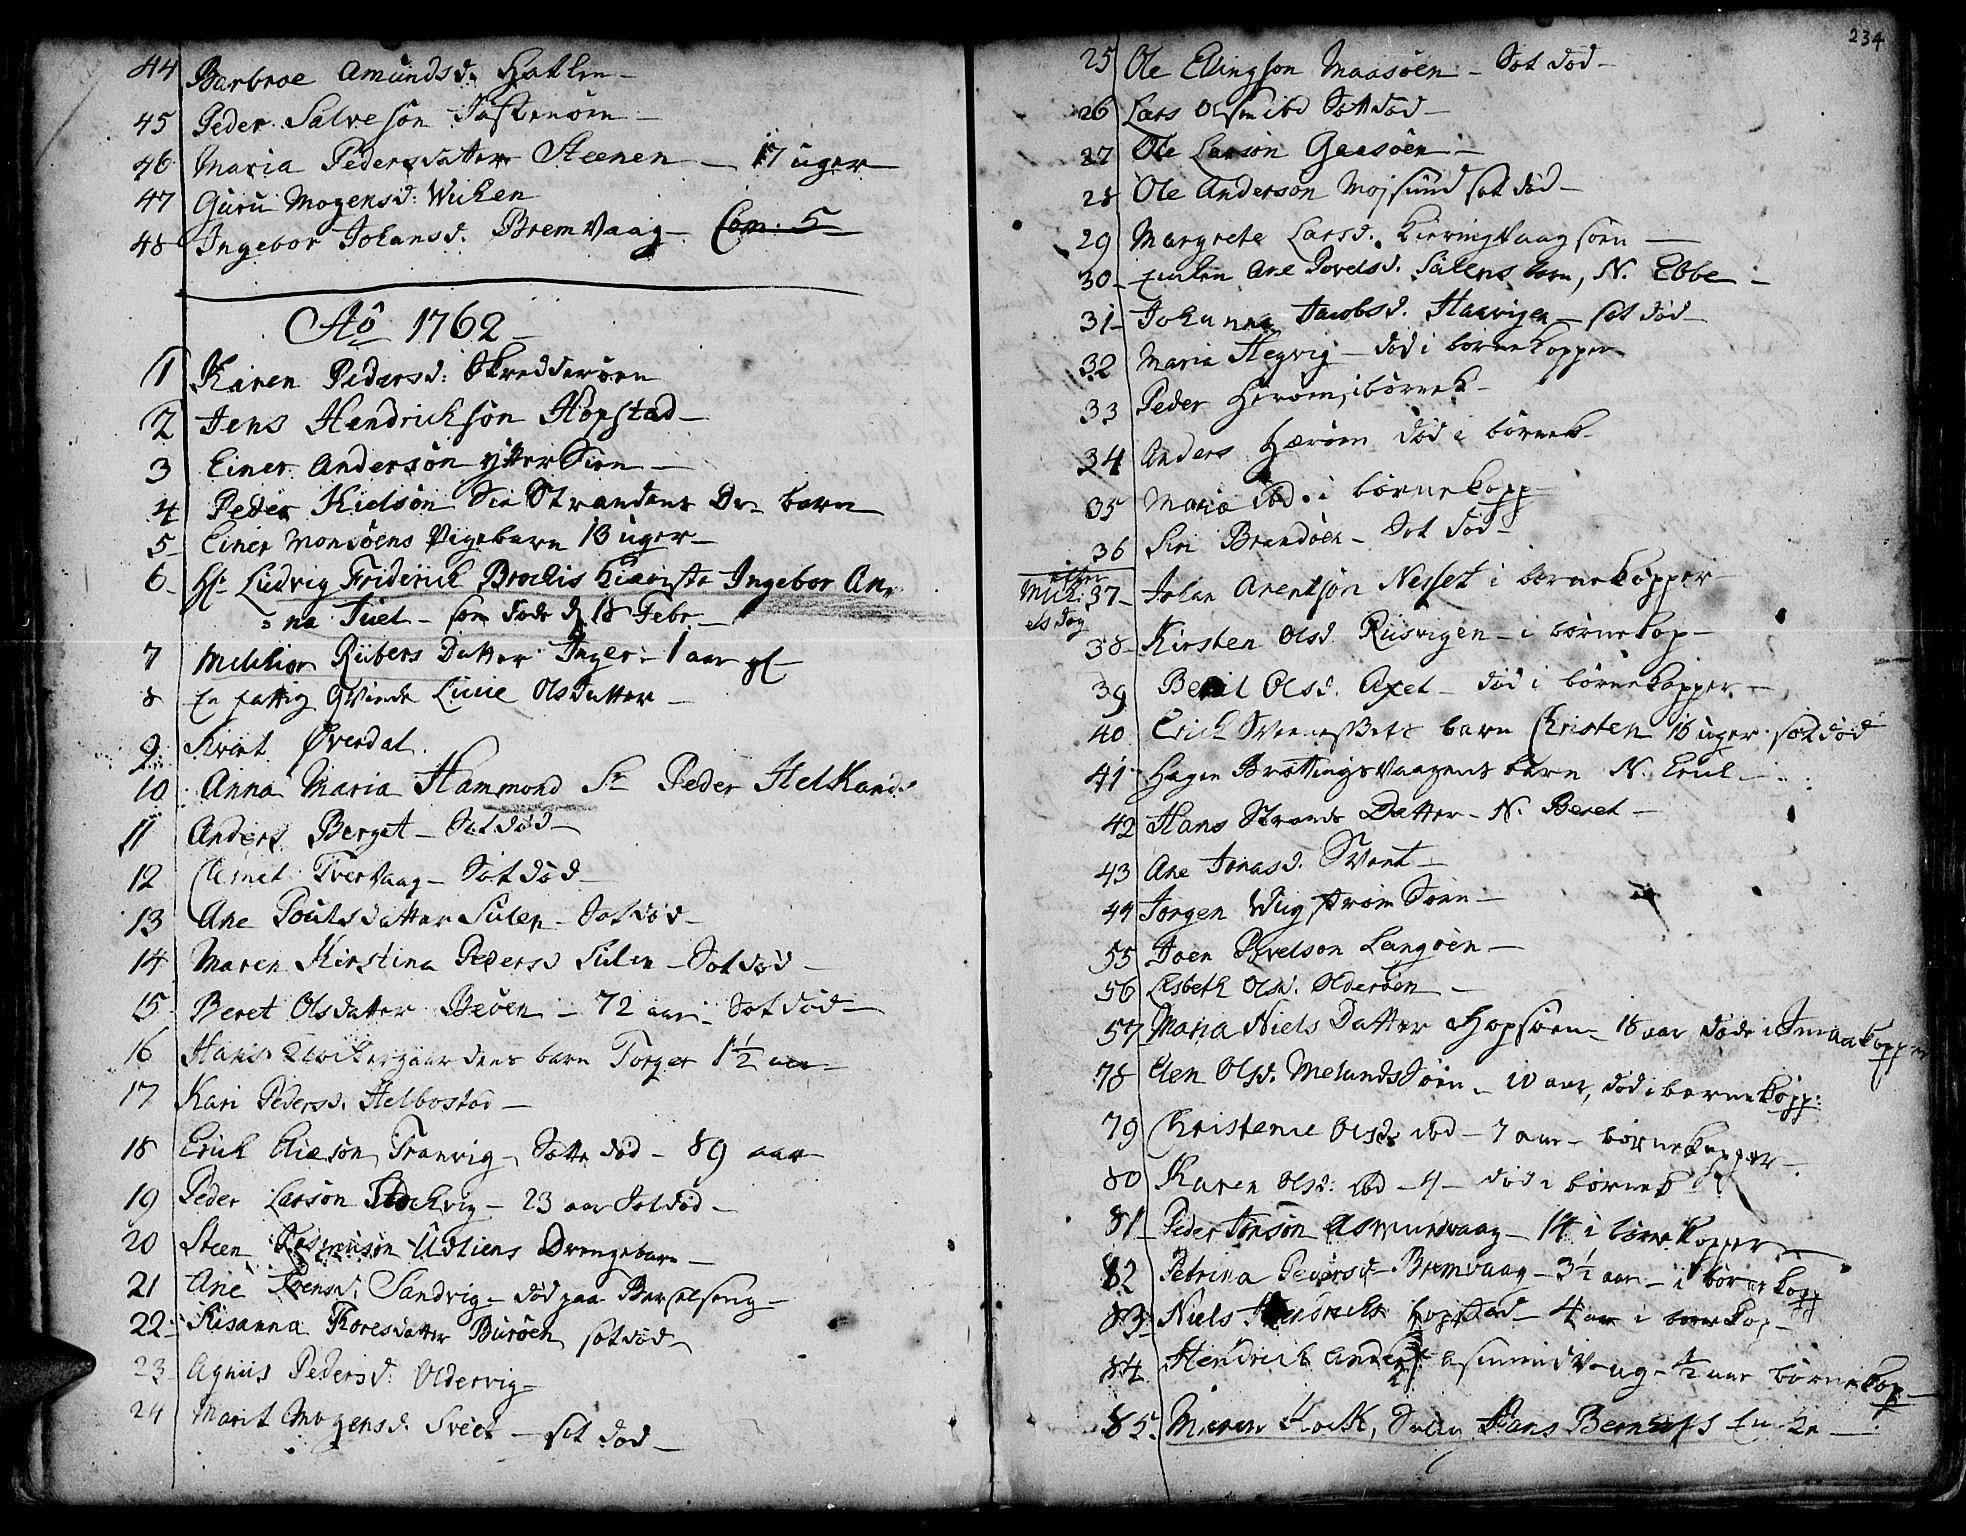 SAT, Ministerialprotokoller, klokkerbøker og fødselsregistre - Sør-Trøndelag, 634/L0525: Ministerialbok nr. 634A01, 1736-1775, s. 234